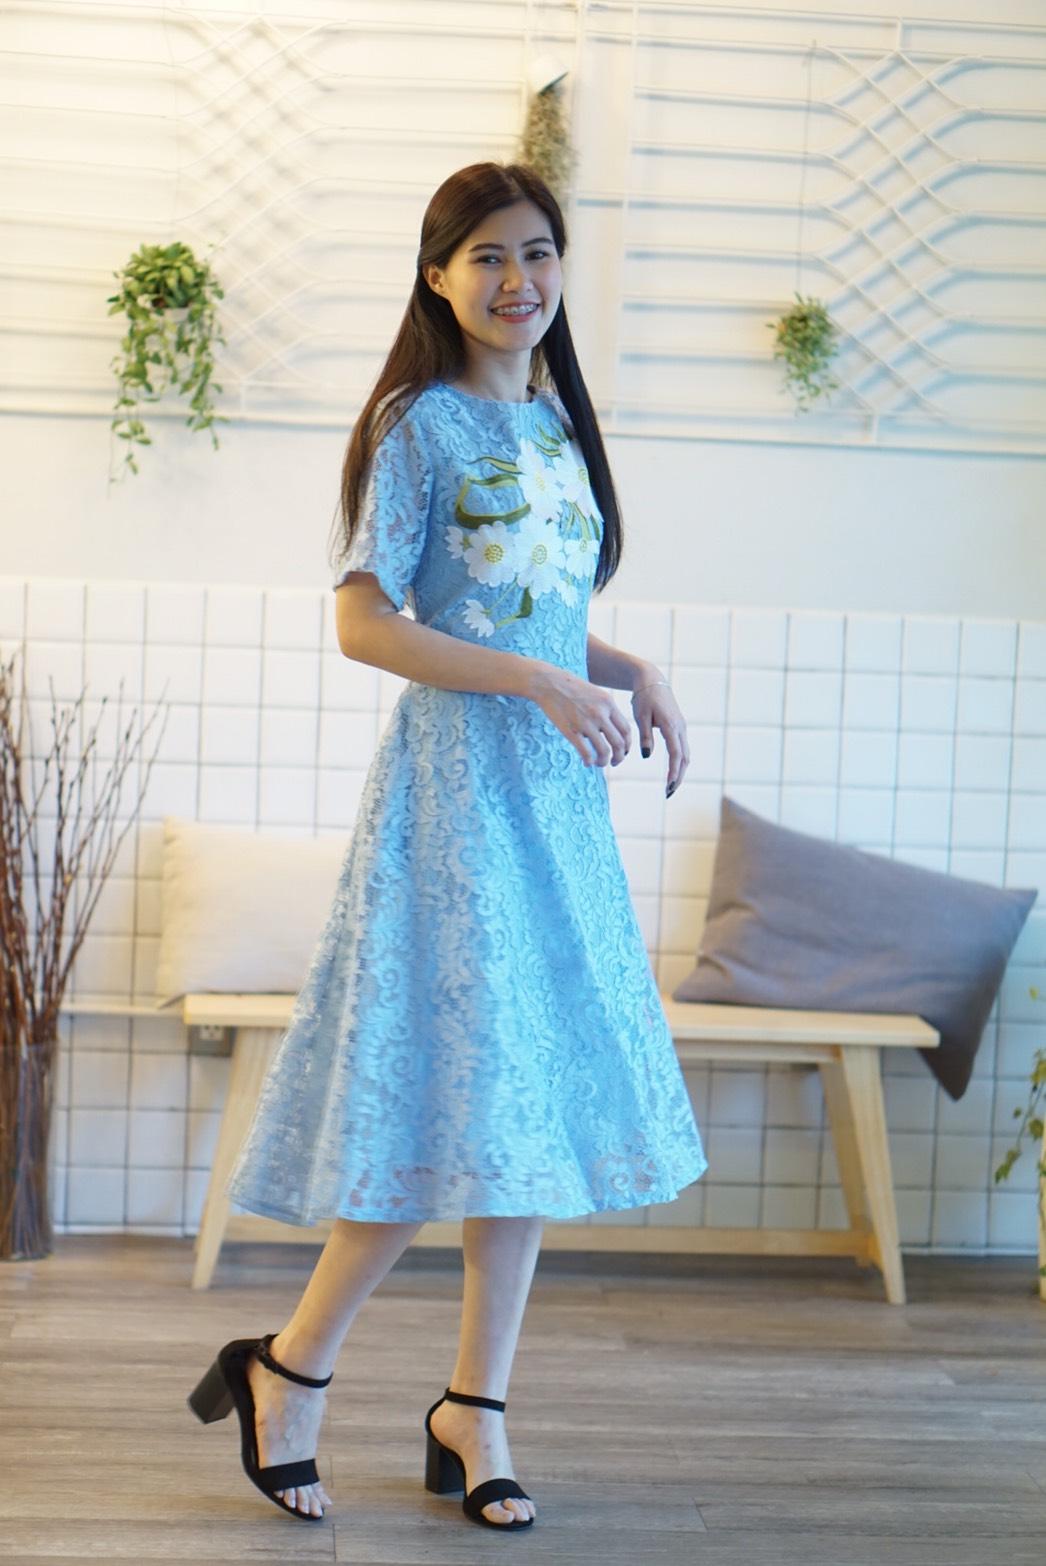 ชุดเดรสลูกไม้สีฟ้า ปักลายดอกไม้น่ารักสดใส คอกลม แขนสั้น กระโปรงบาน